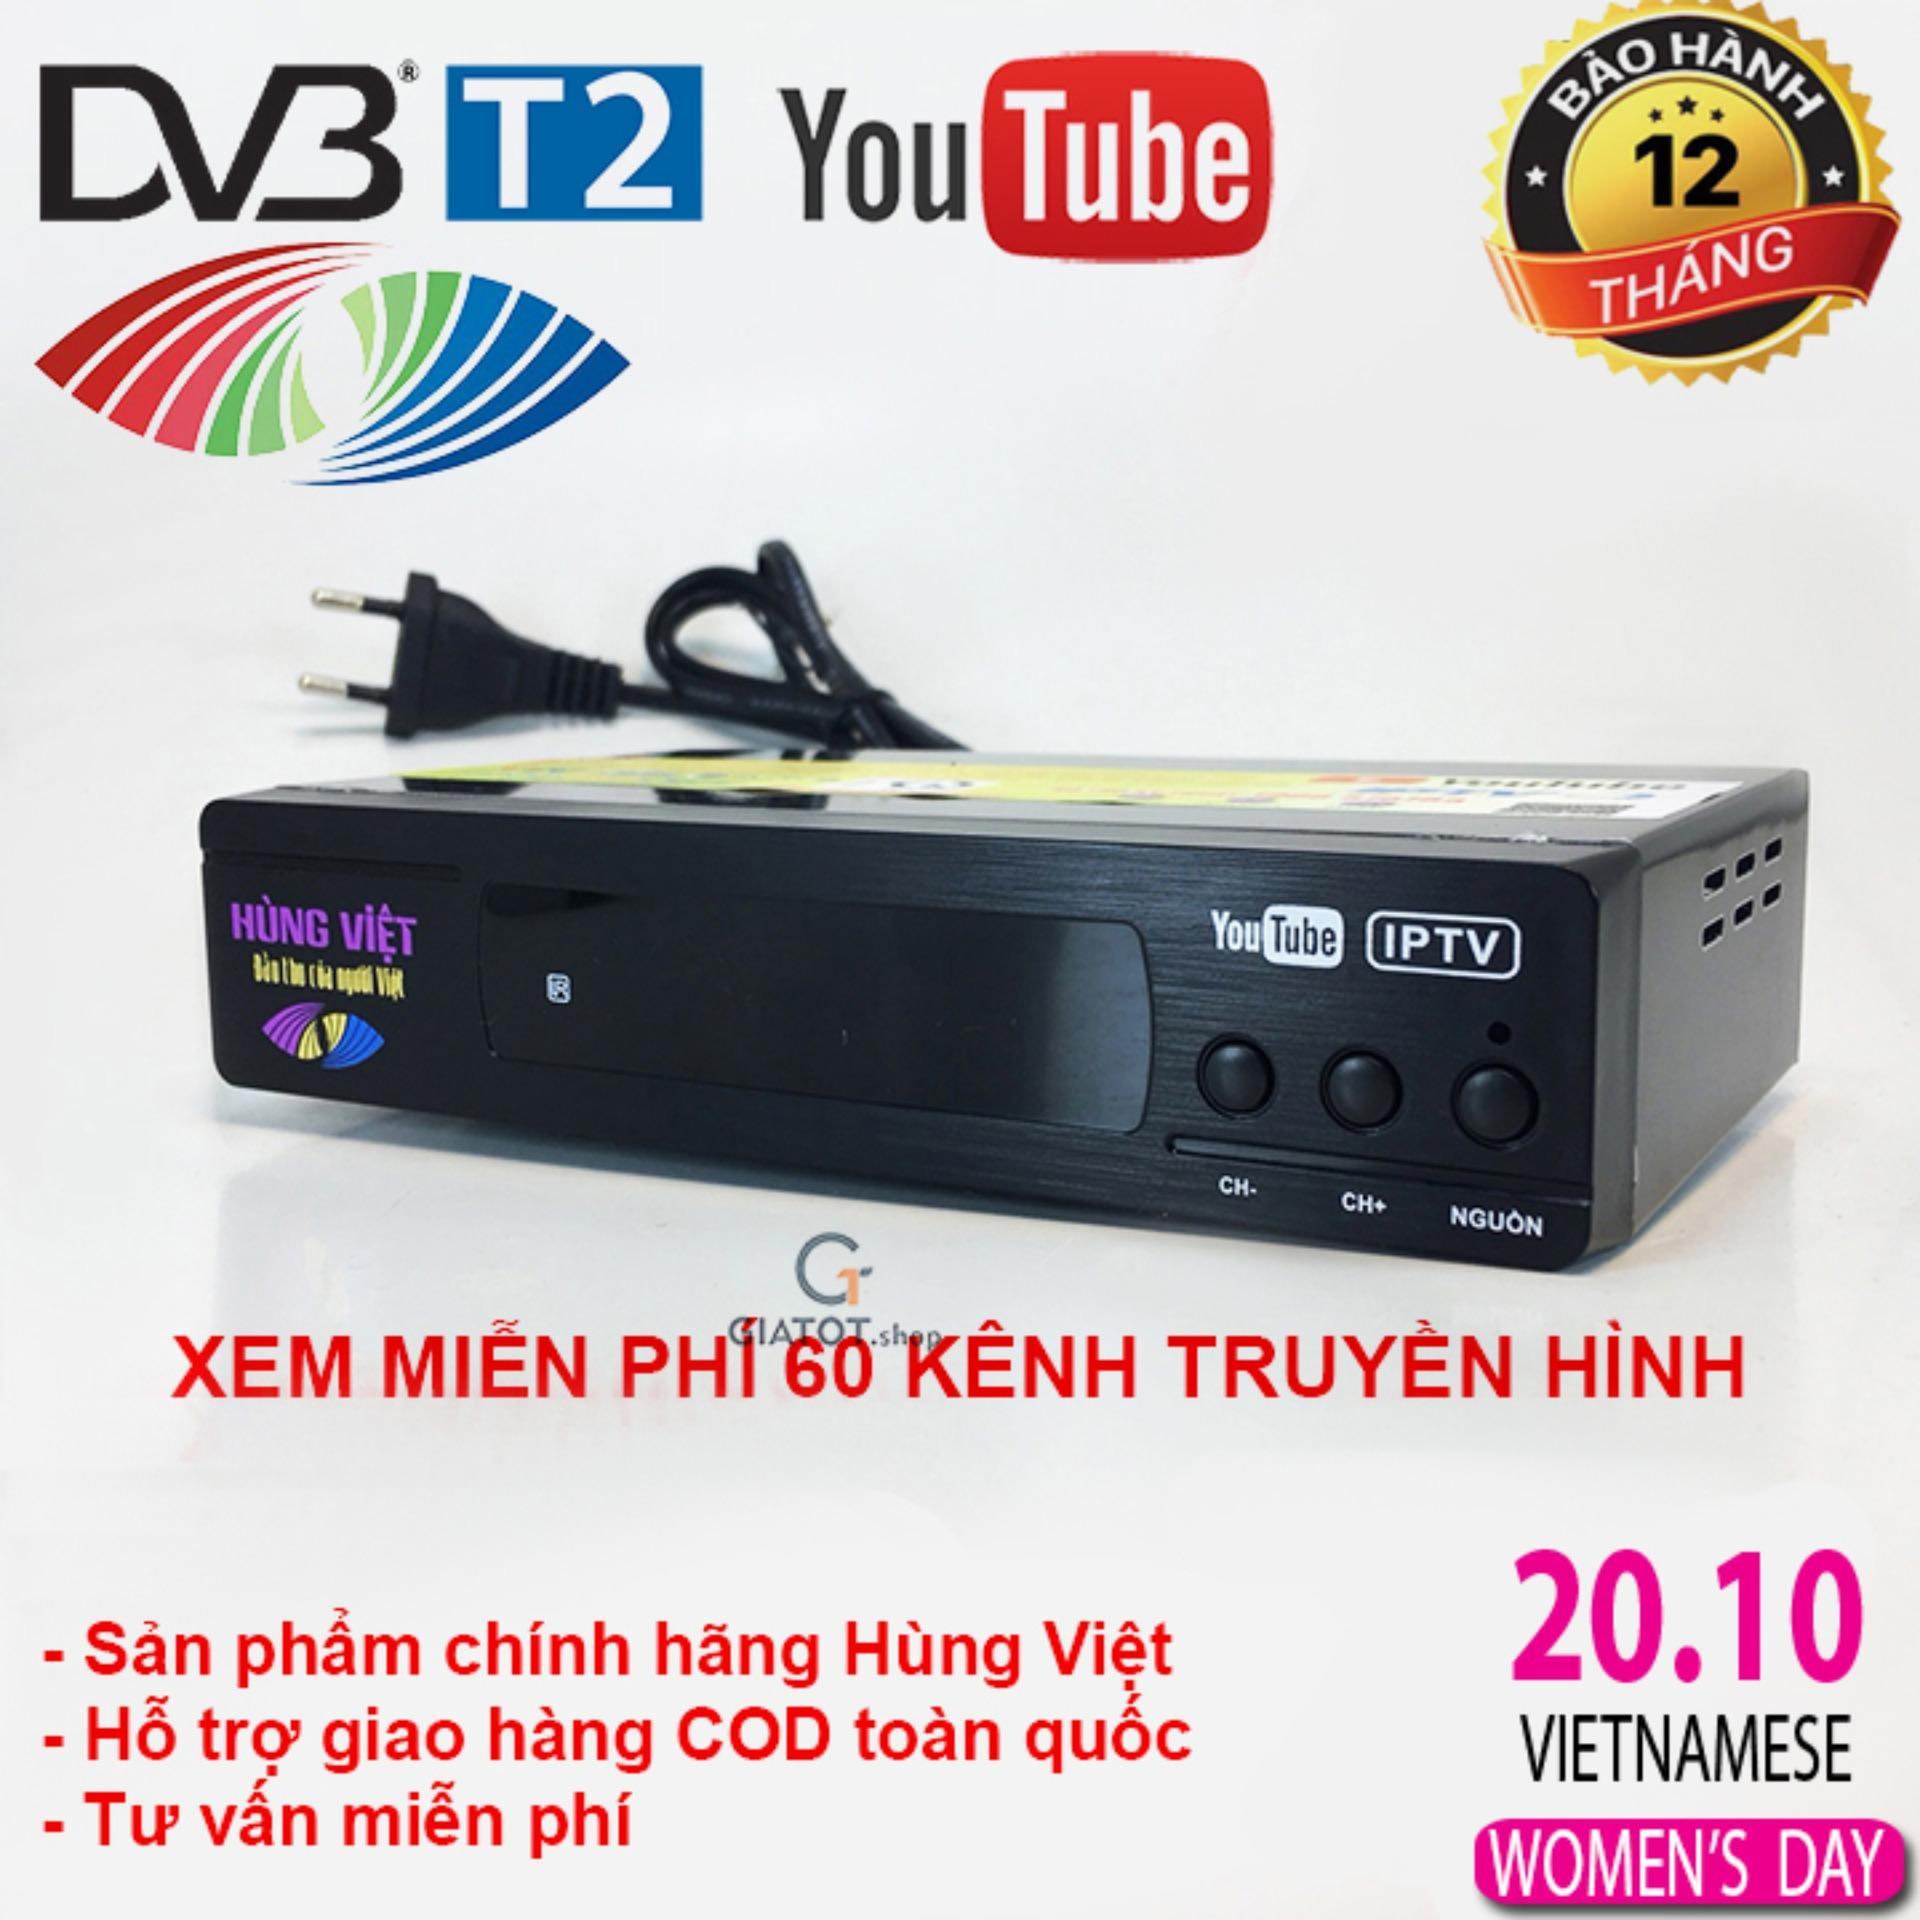 Hình ảnh Đầu thu kỹ thuật số DVB T2 HÙNG VIỆT TS-123 Internet có thể xem Youtube